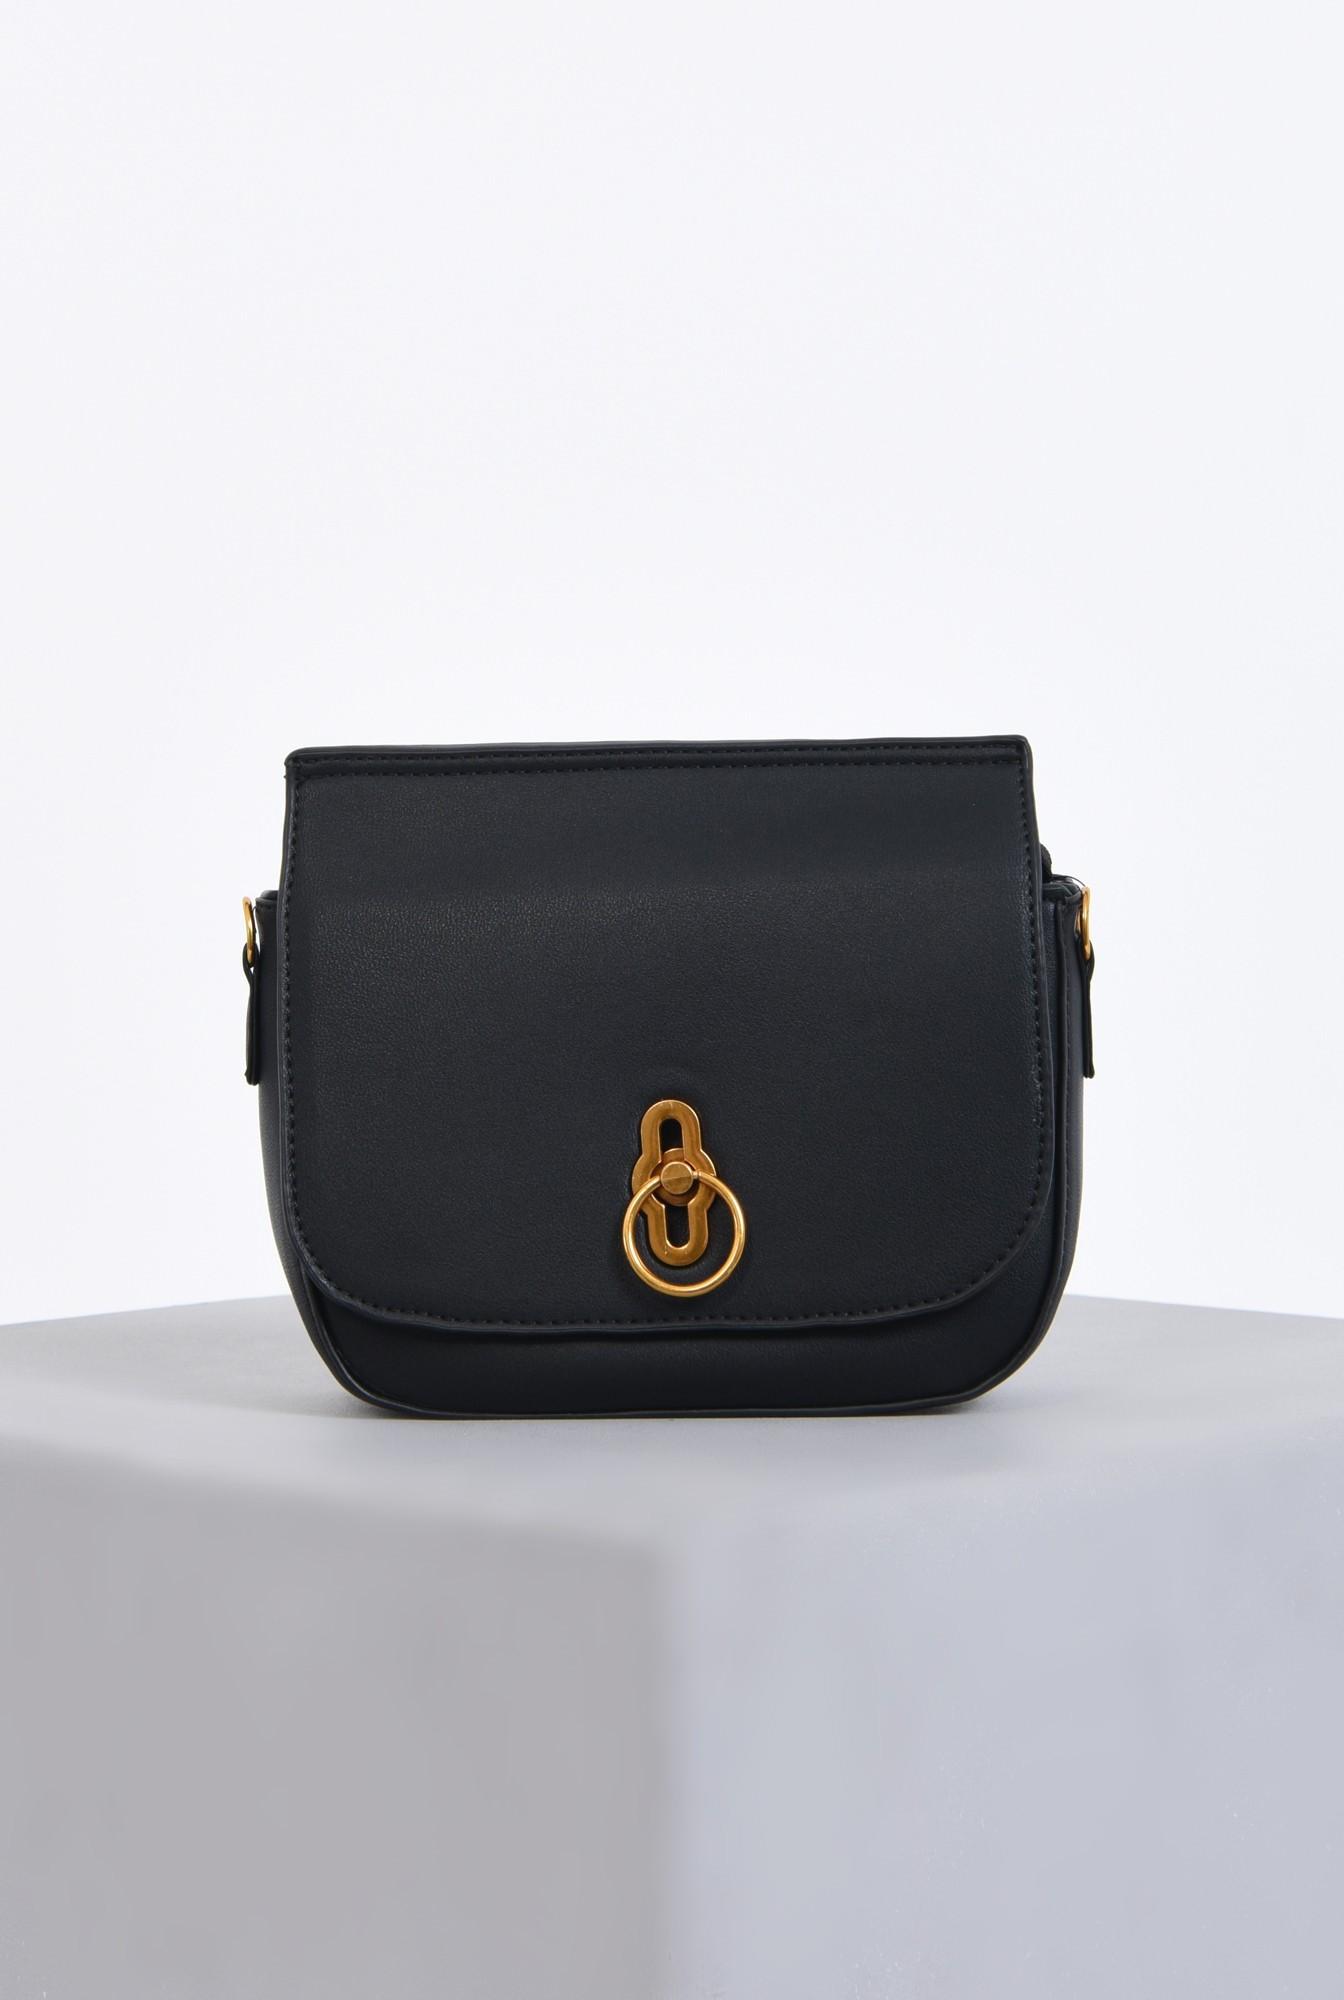 0 - geanta casual, mini, bareta detasabila, negru